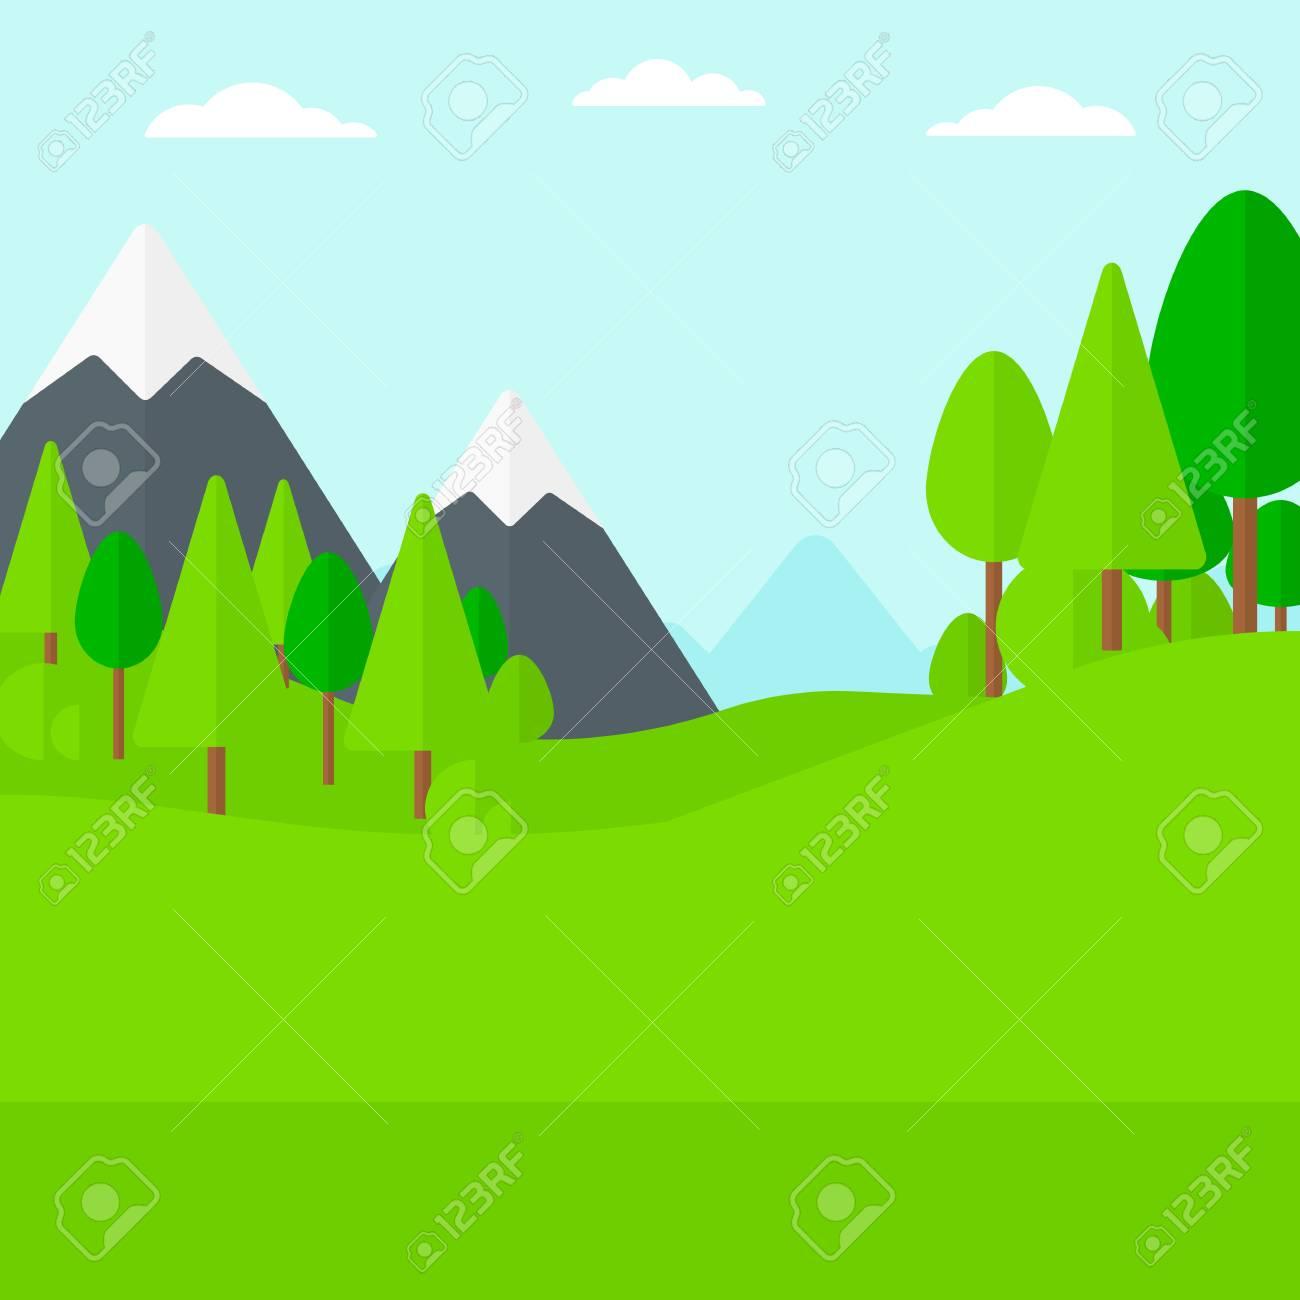 森 イラスト 背景